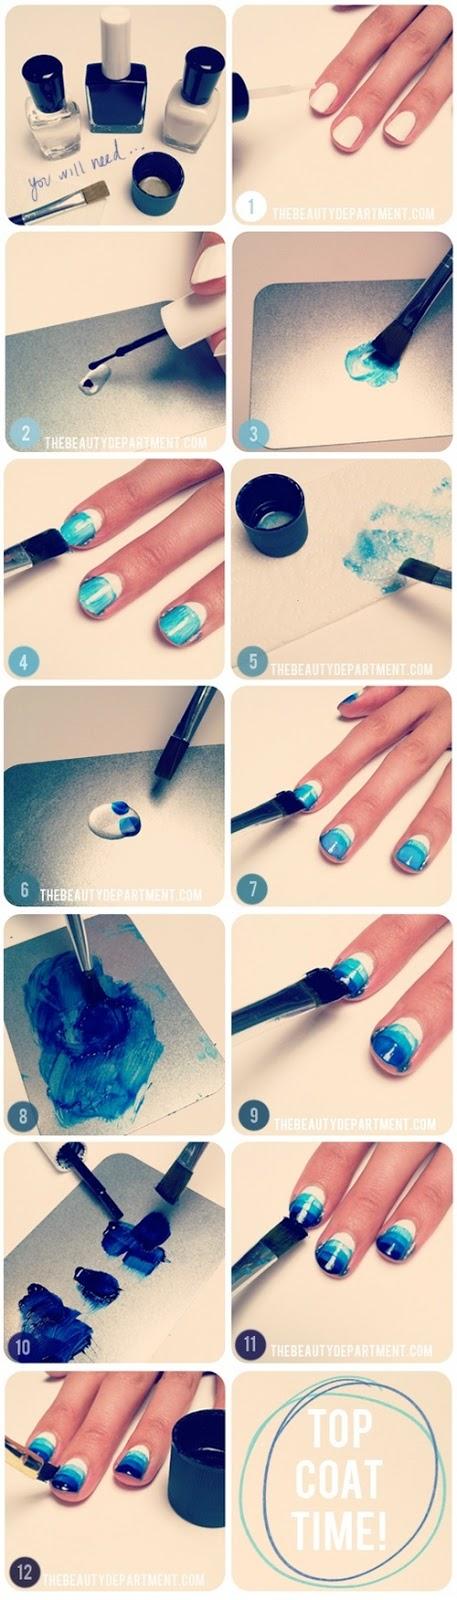 Делаем красивые ногти в домашних условиях